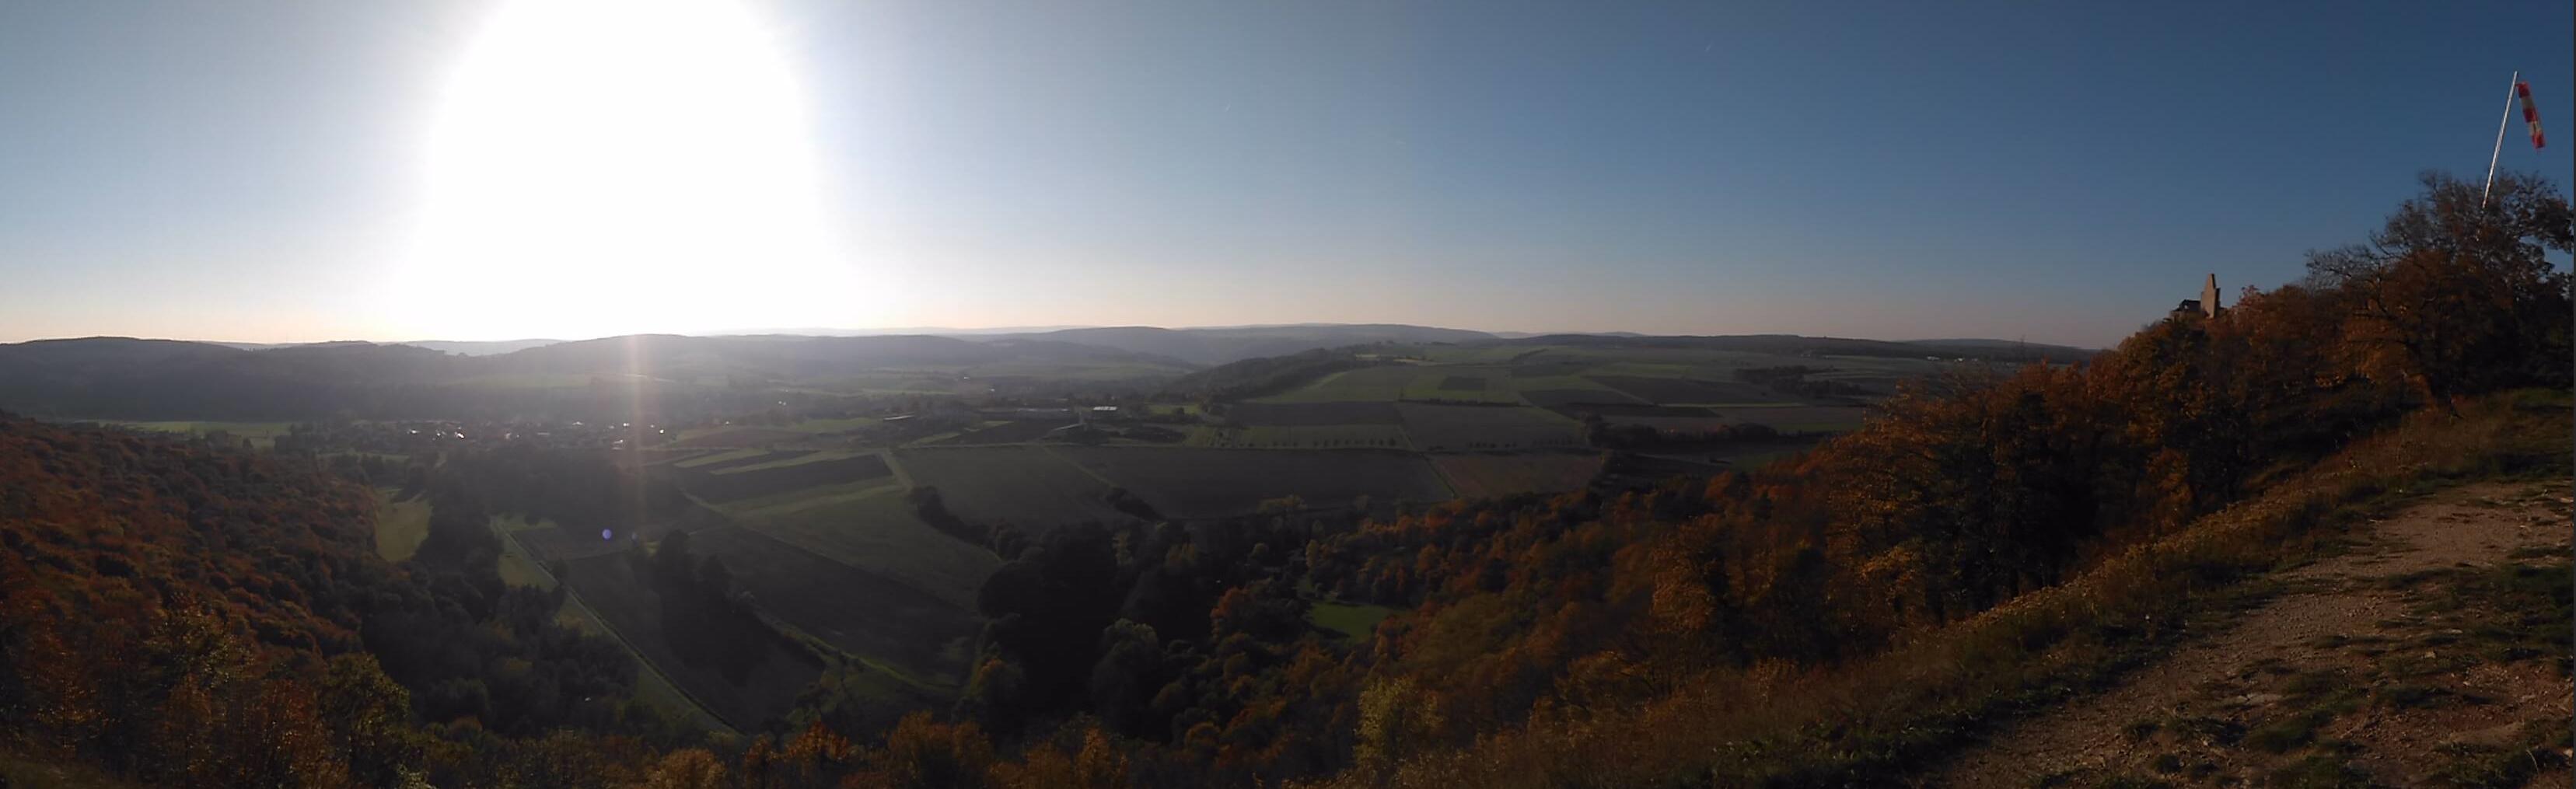 Ausblick über Gössenheim im Landkreis Main-Spessart von der Burgruine Homburg.